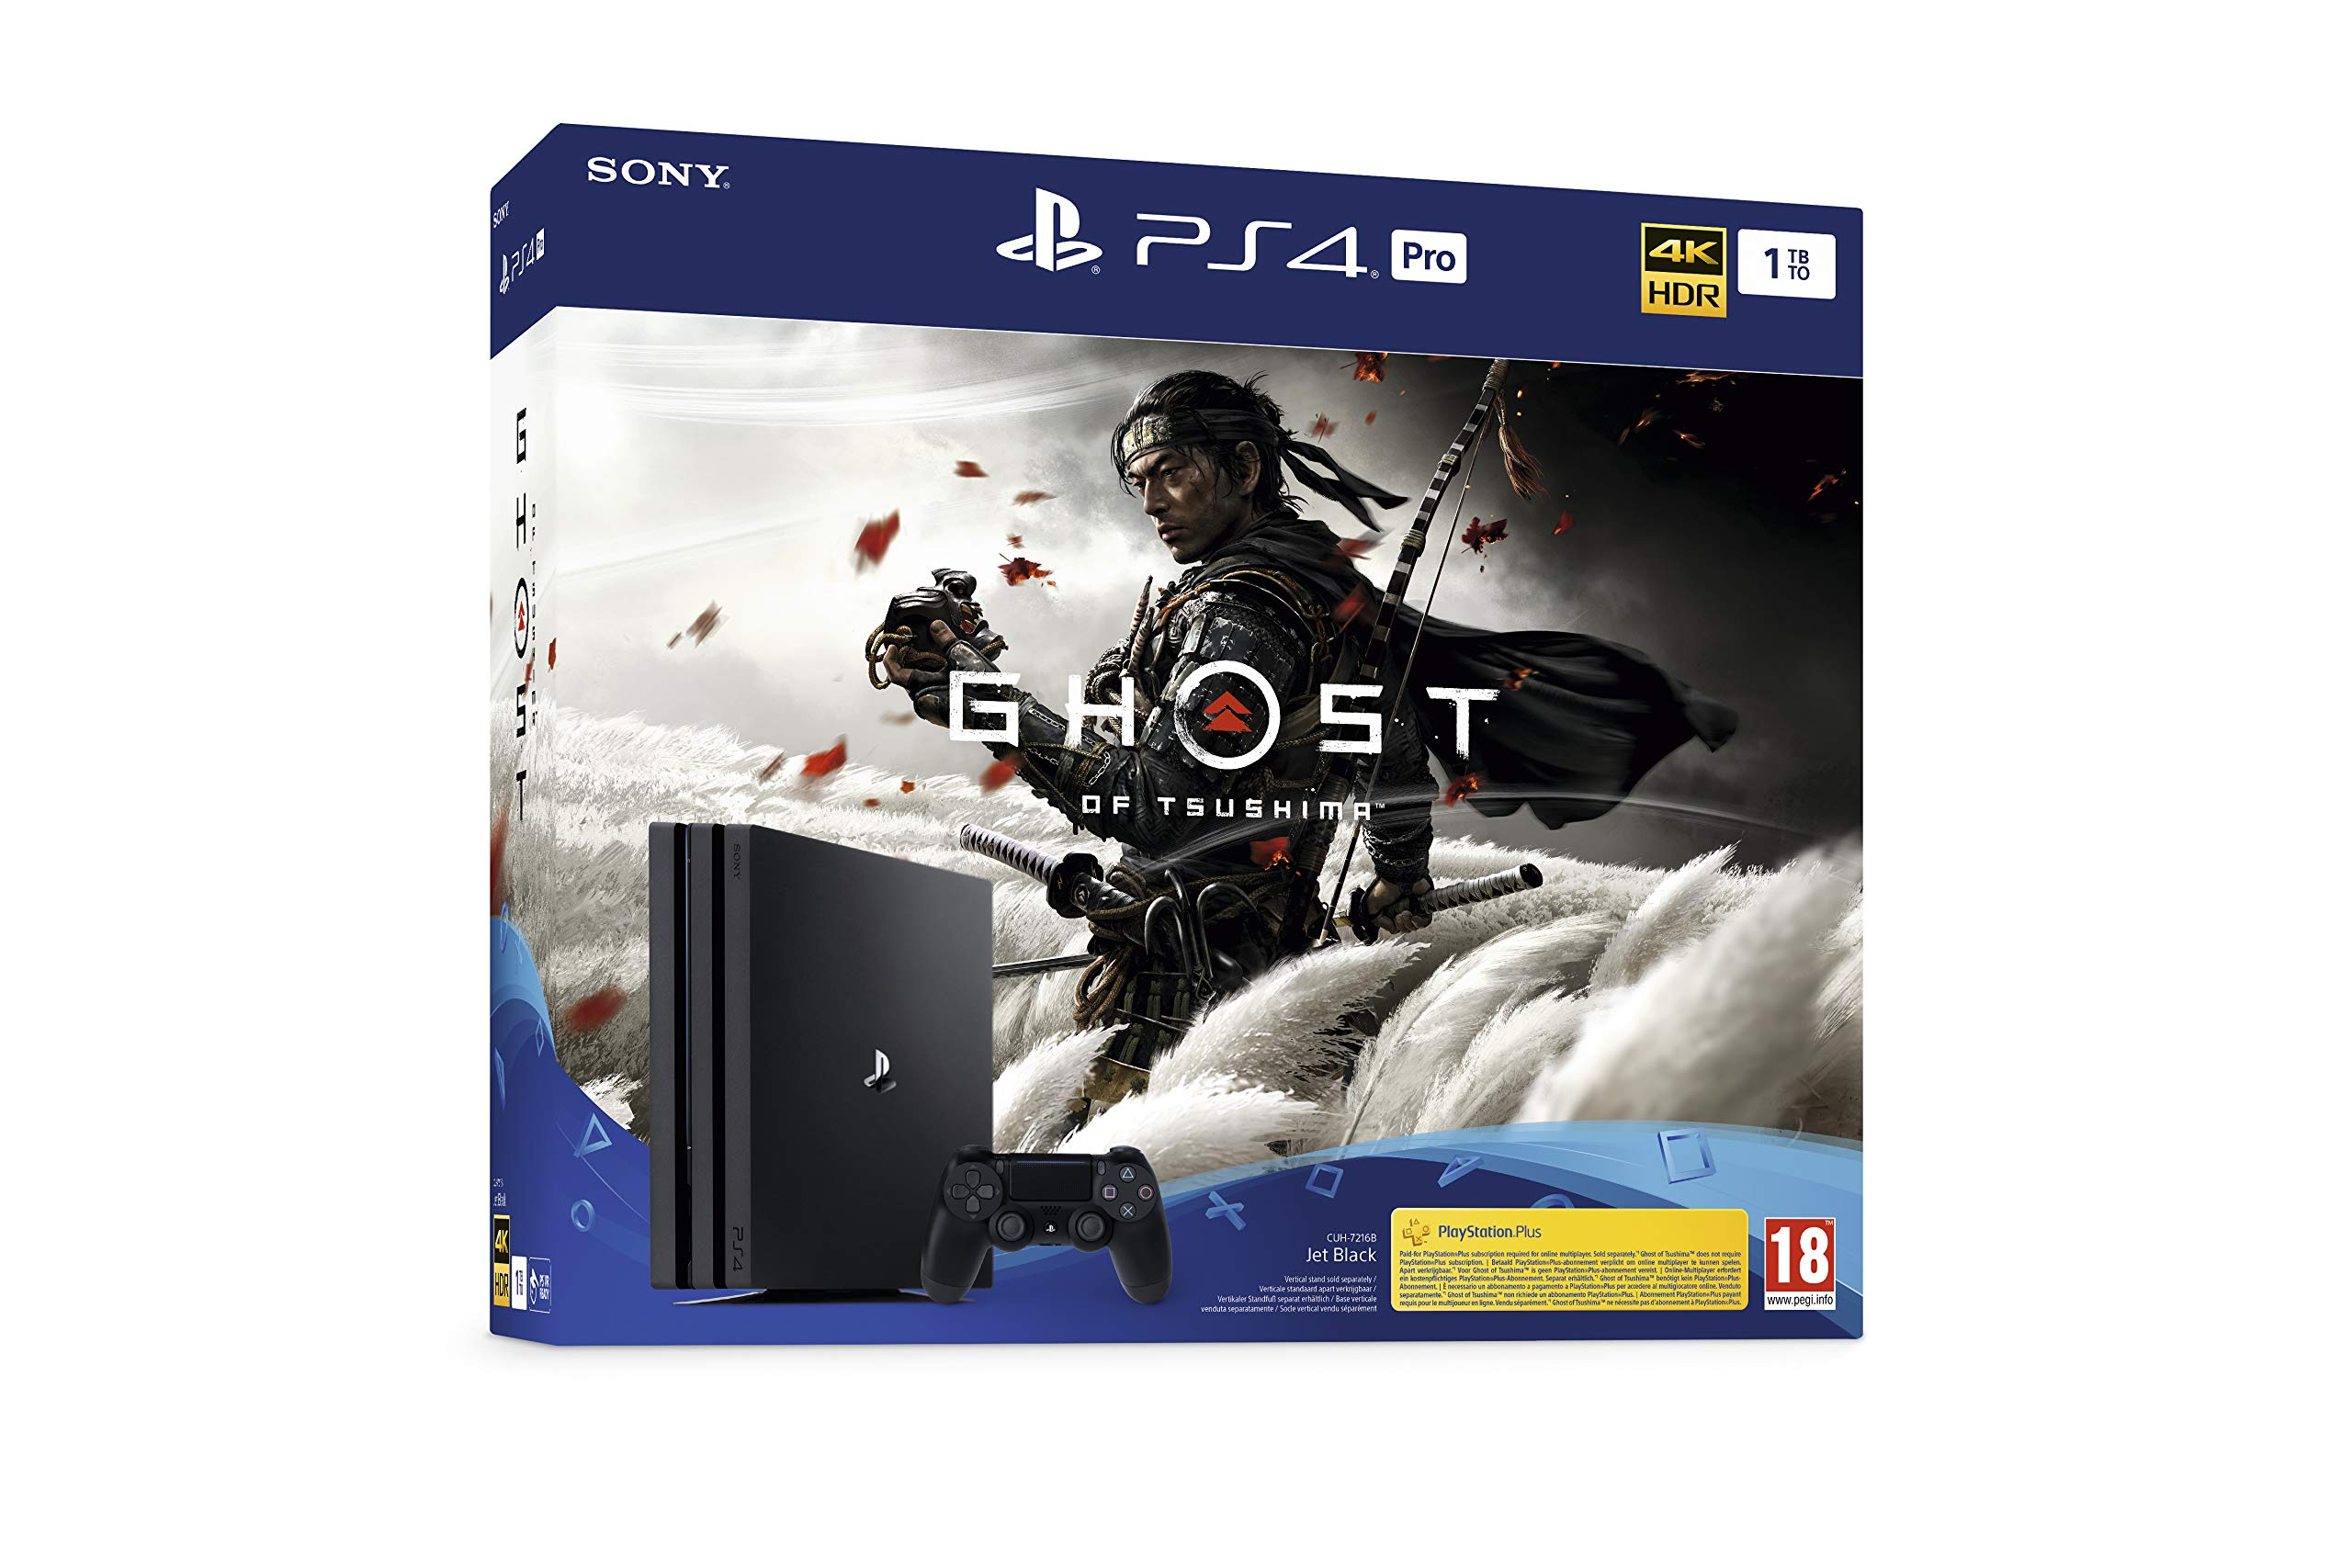 PlayStation 4 (PS4) - Consola Pro Edición Especial GoT: Amazon.es: Videojuegos